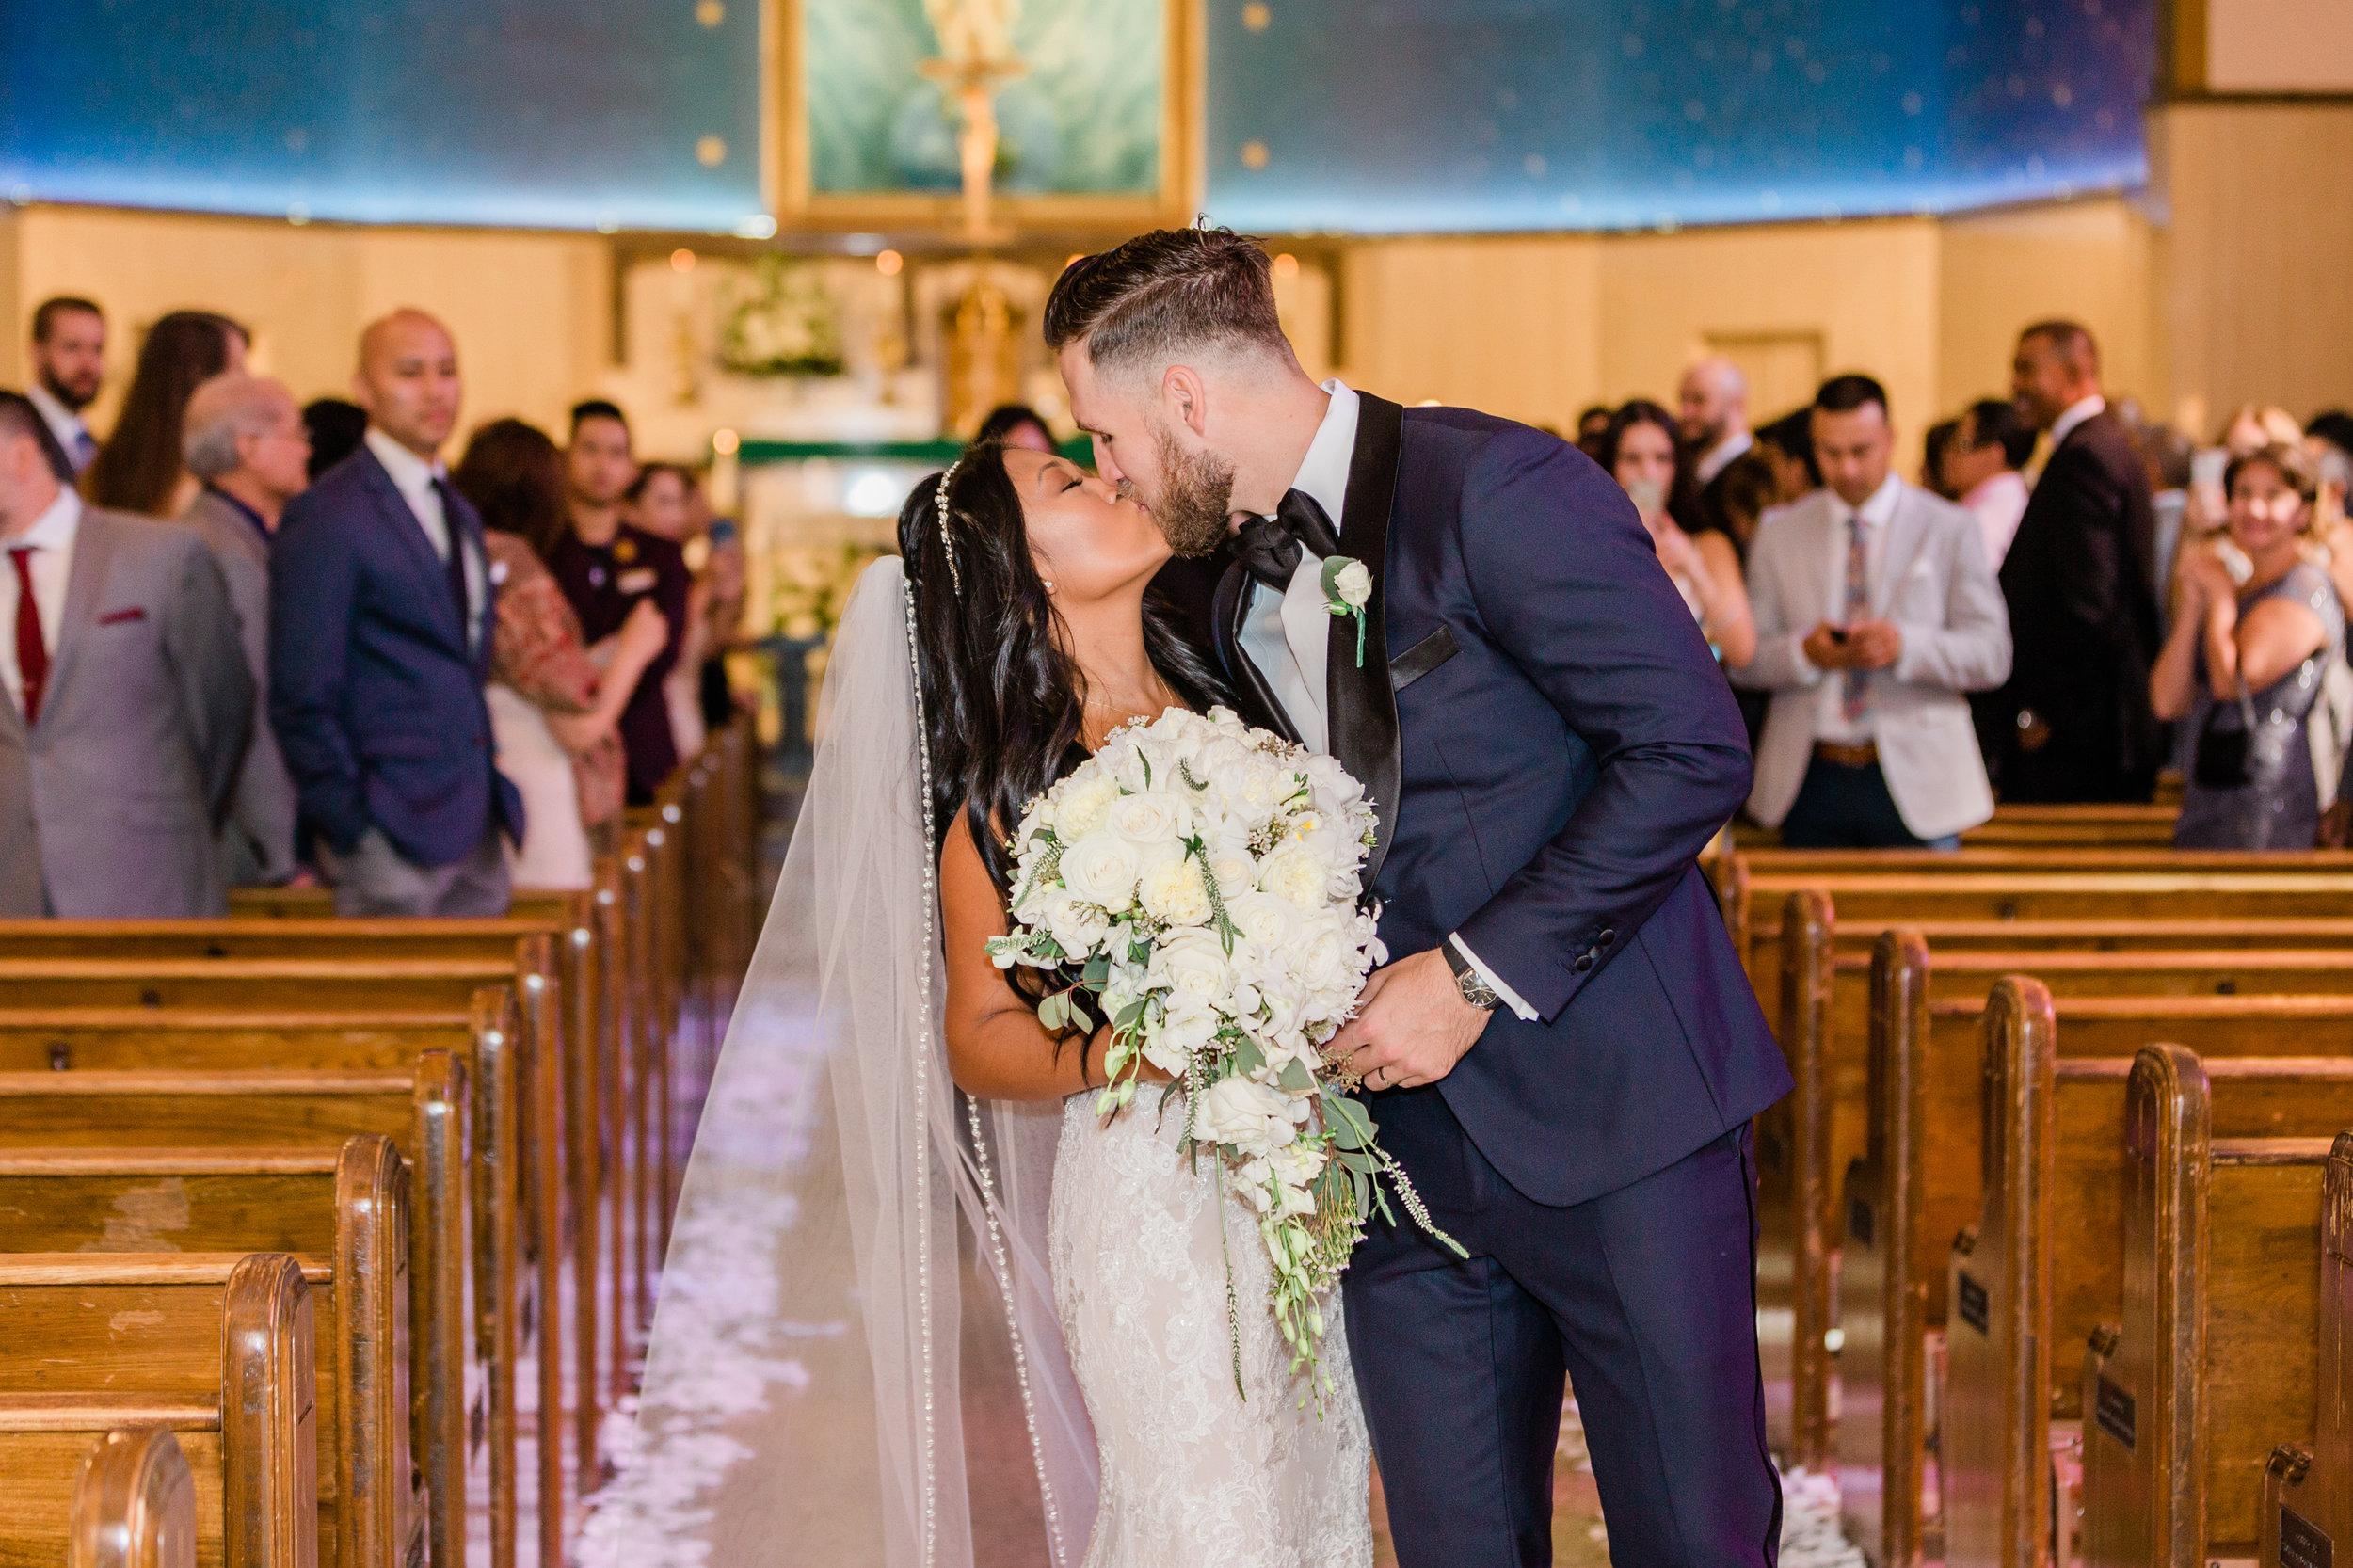 Raedawn and George - Married - Sneak Peeks - Lauren Alisse Photography-28.jpg